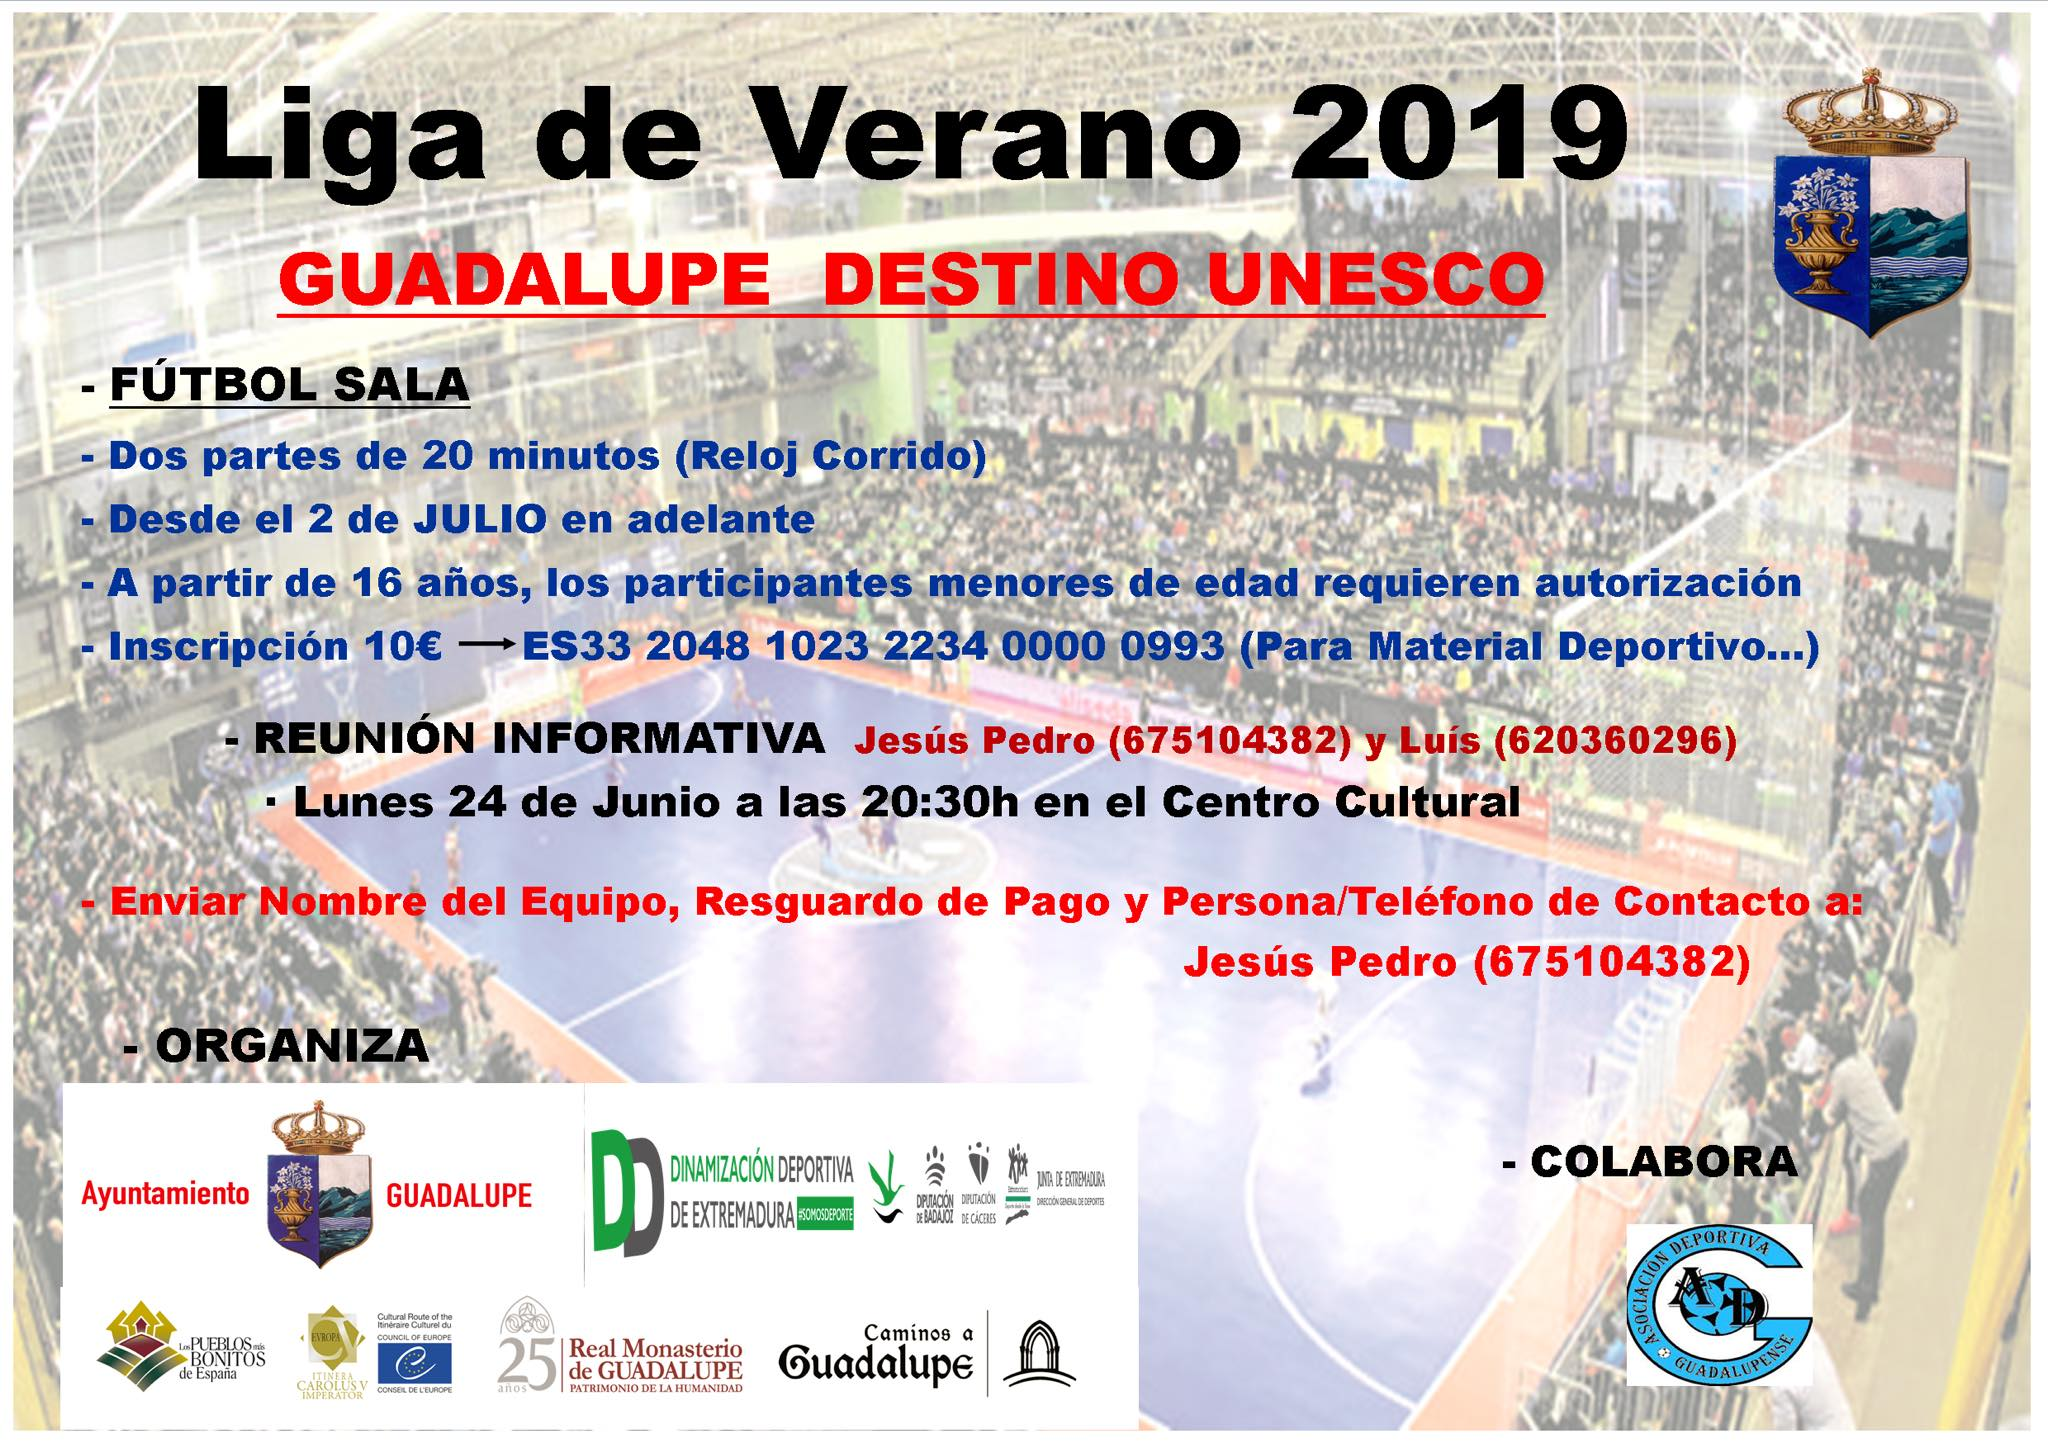 Liga de fútbol sala de verano 2019 - Guadalupe (Cáceres)